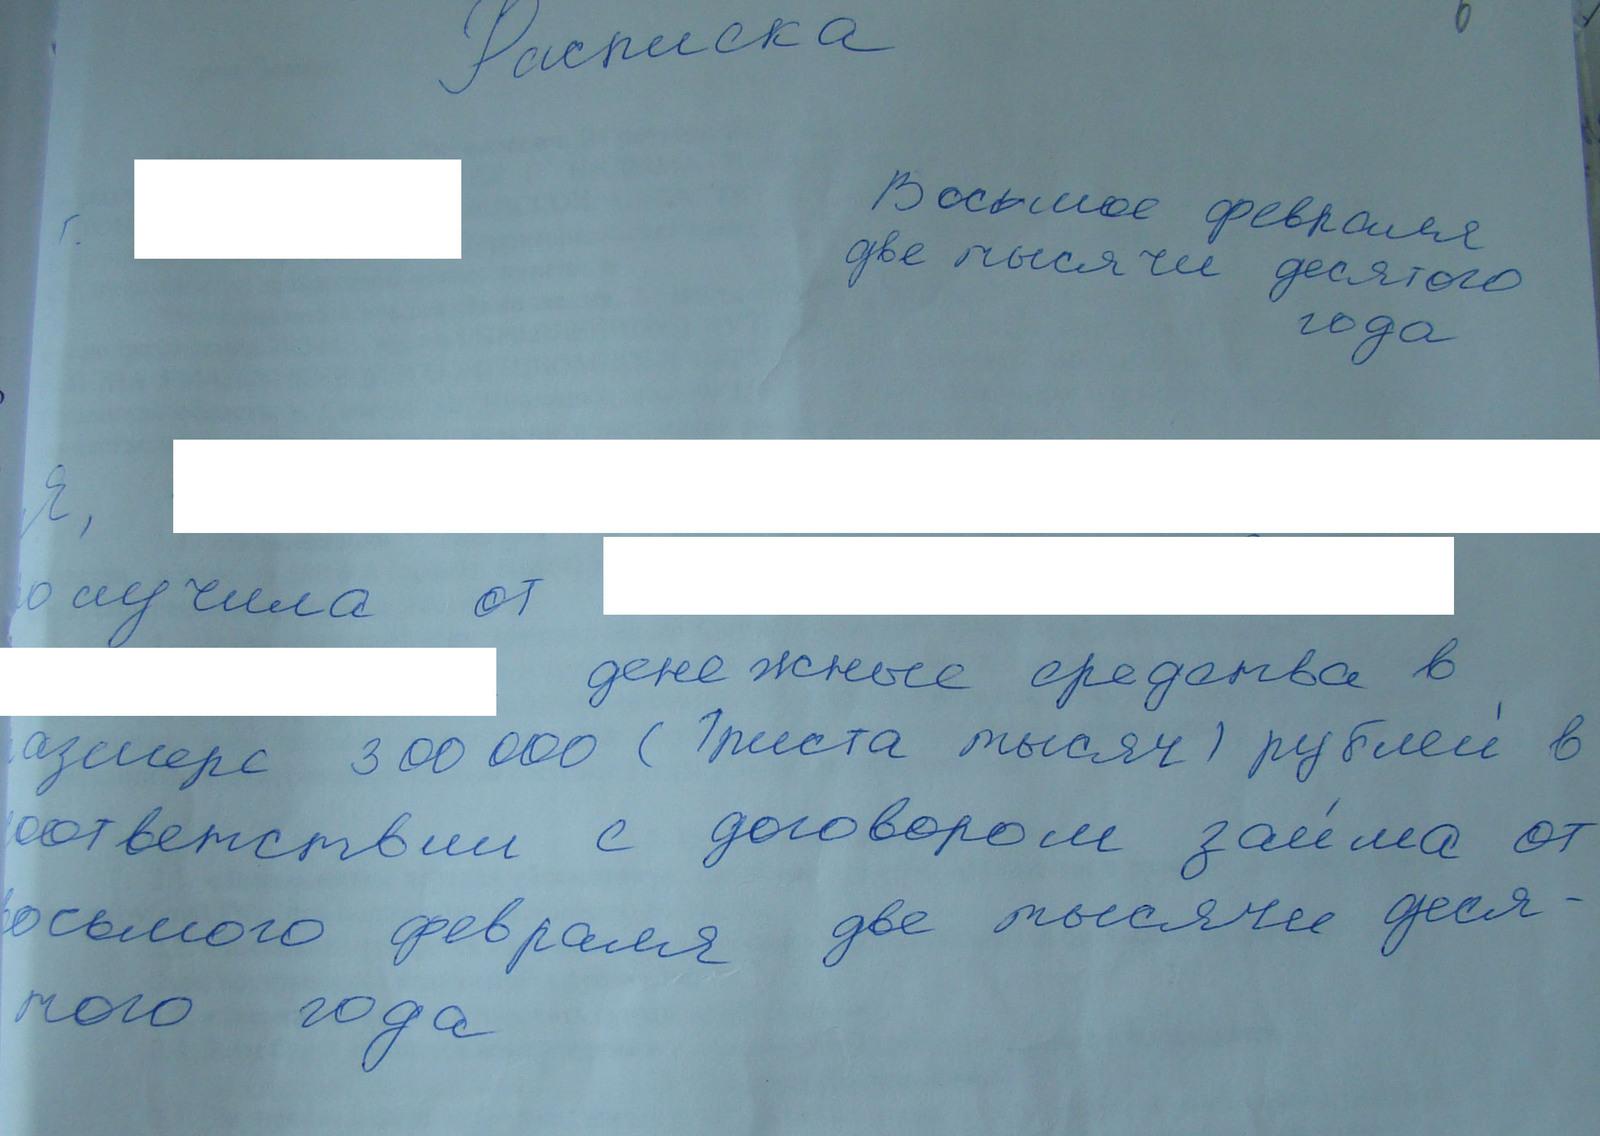 Займ расписку иркутск